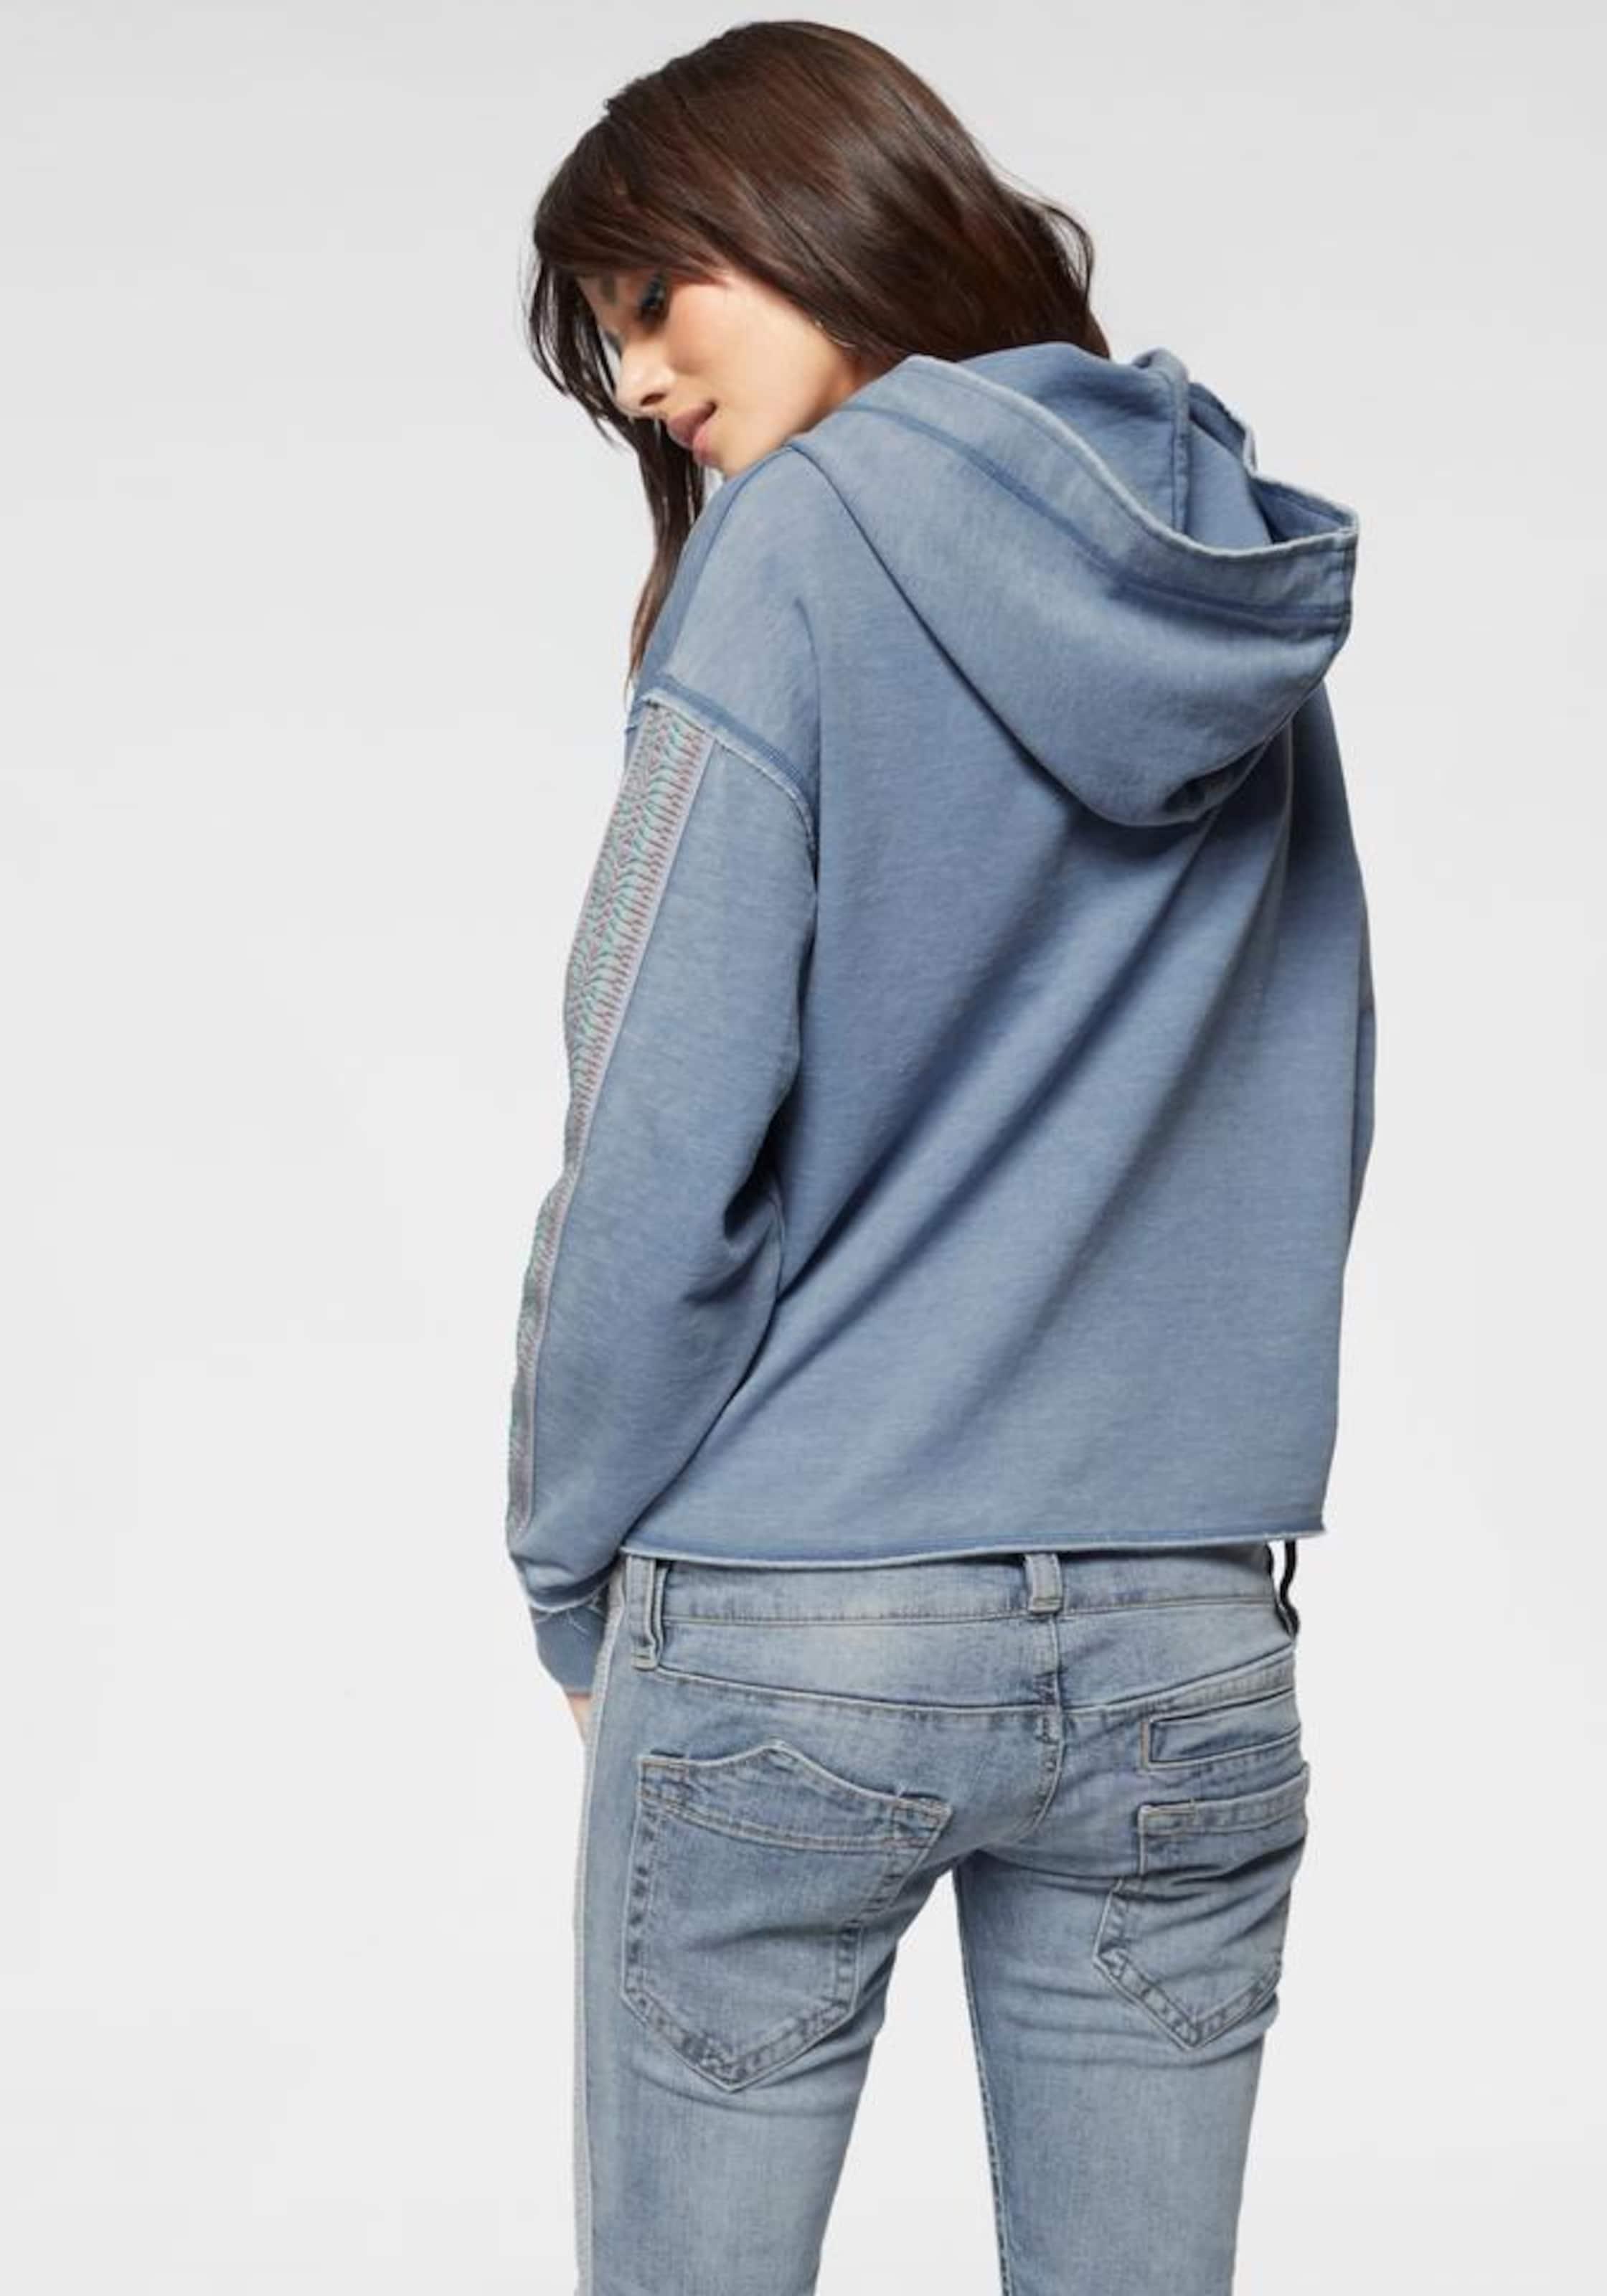 Sweatshirt Herrlicher 'walda' Rauchblau Sweatshirt Herrlicher 'walda' In N8Zn0wOPkX